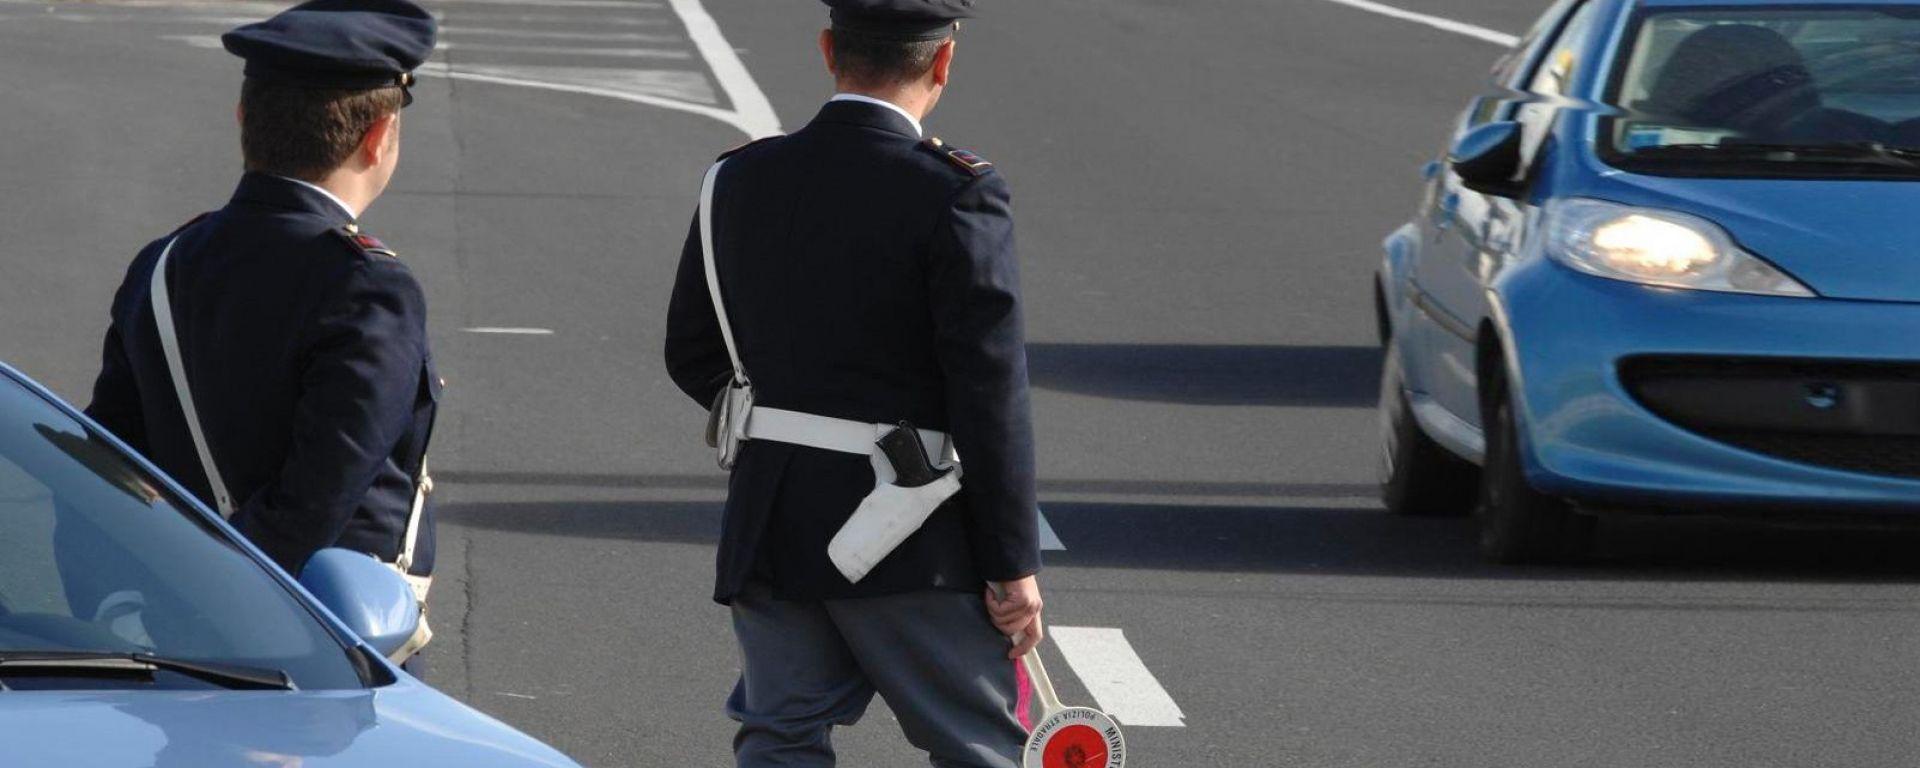 Targa straniera e residenza in Italia, arrivano le prime multe